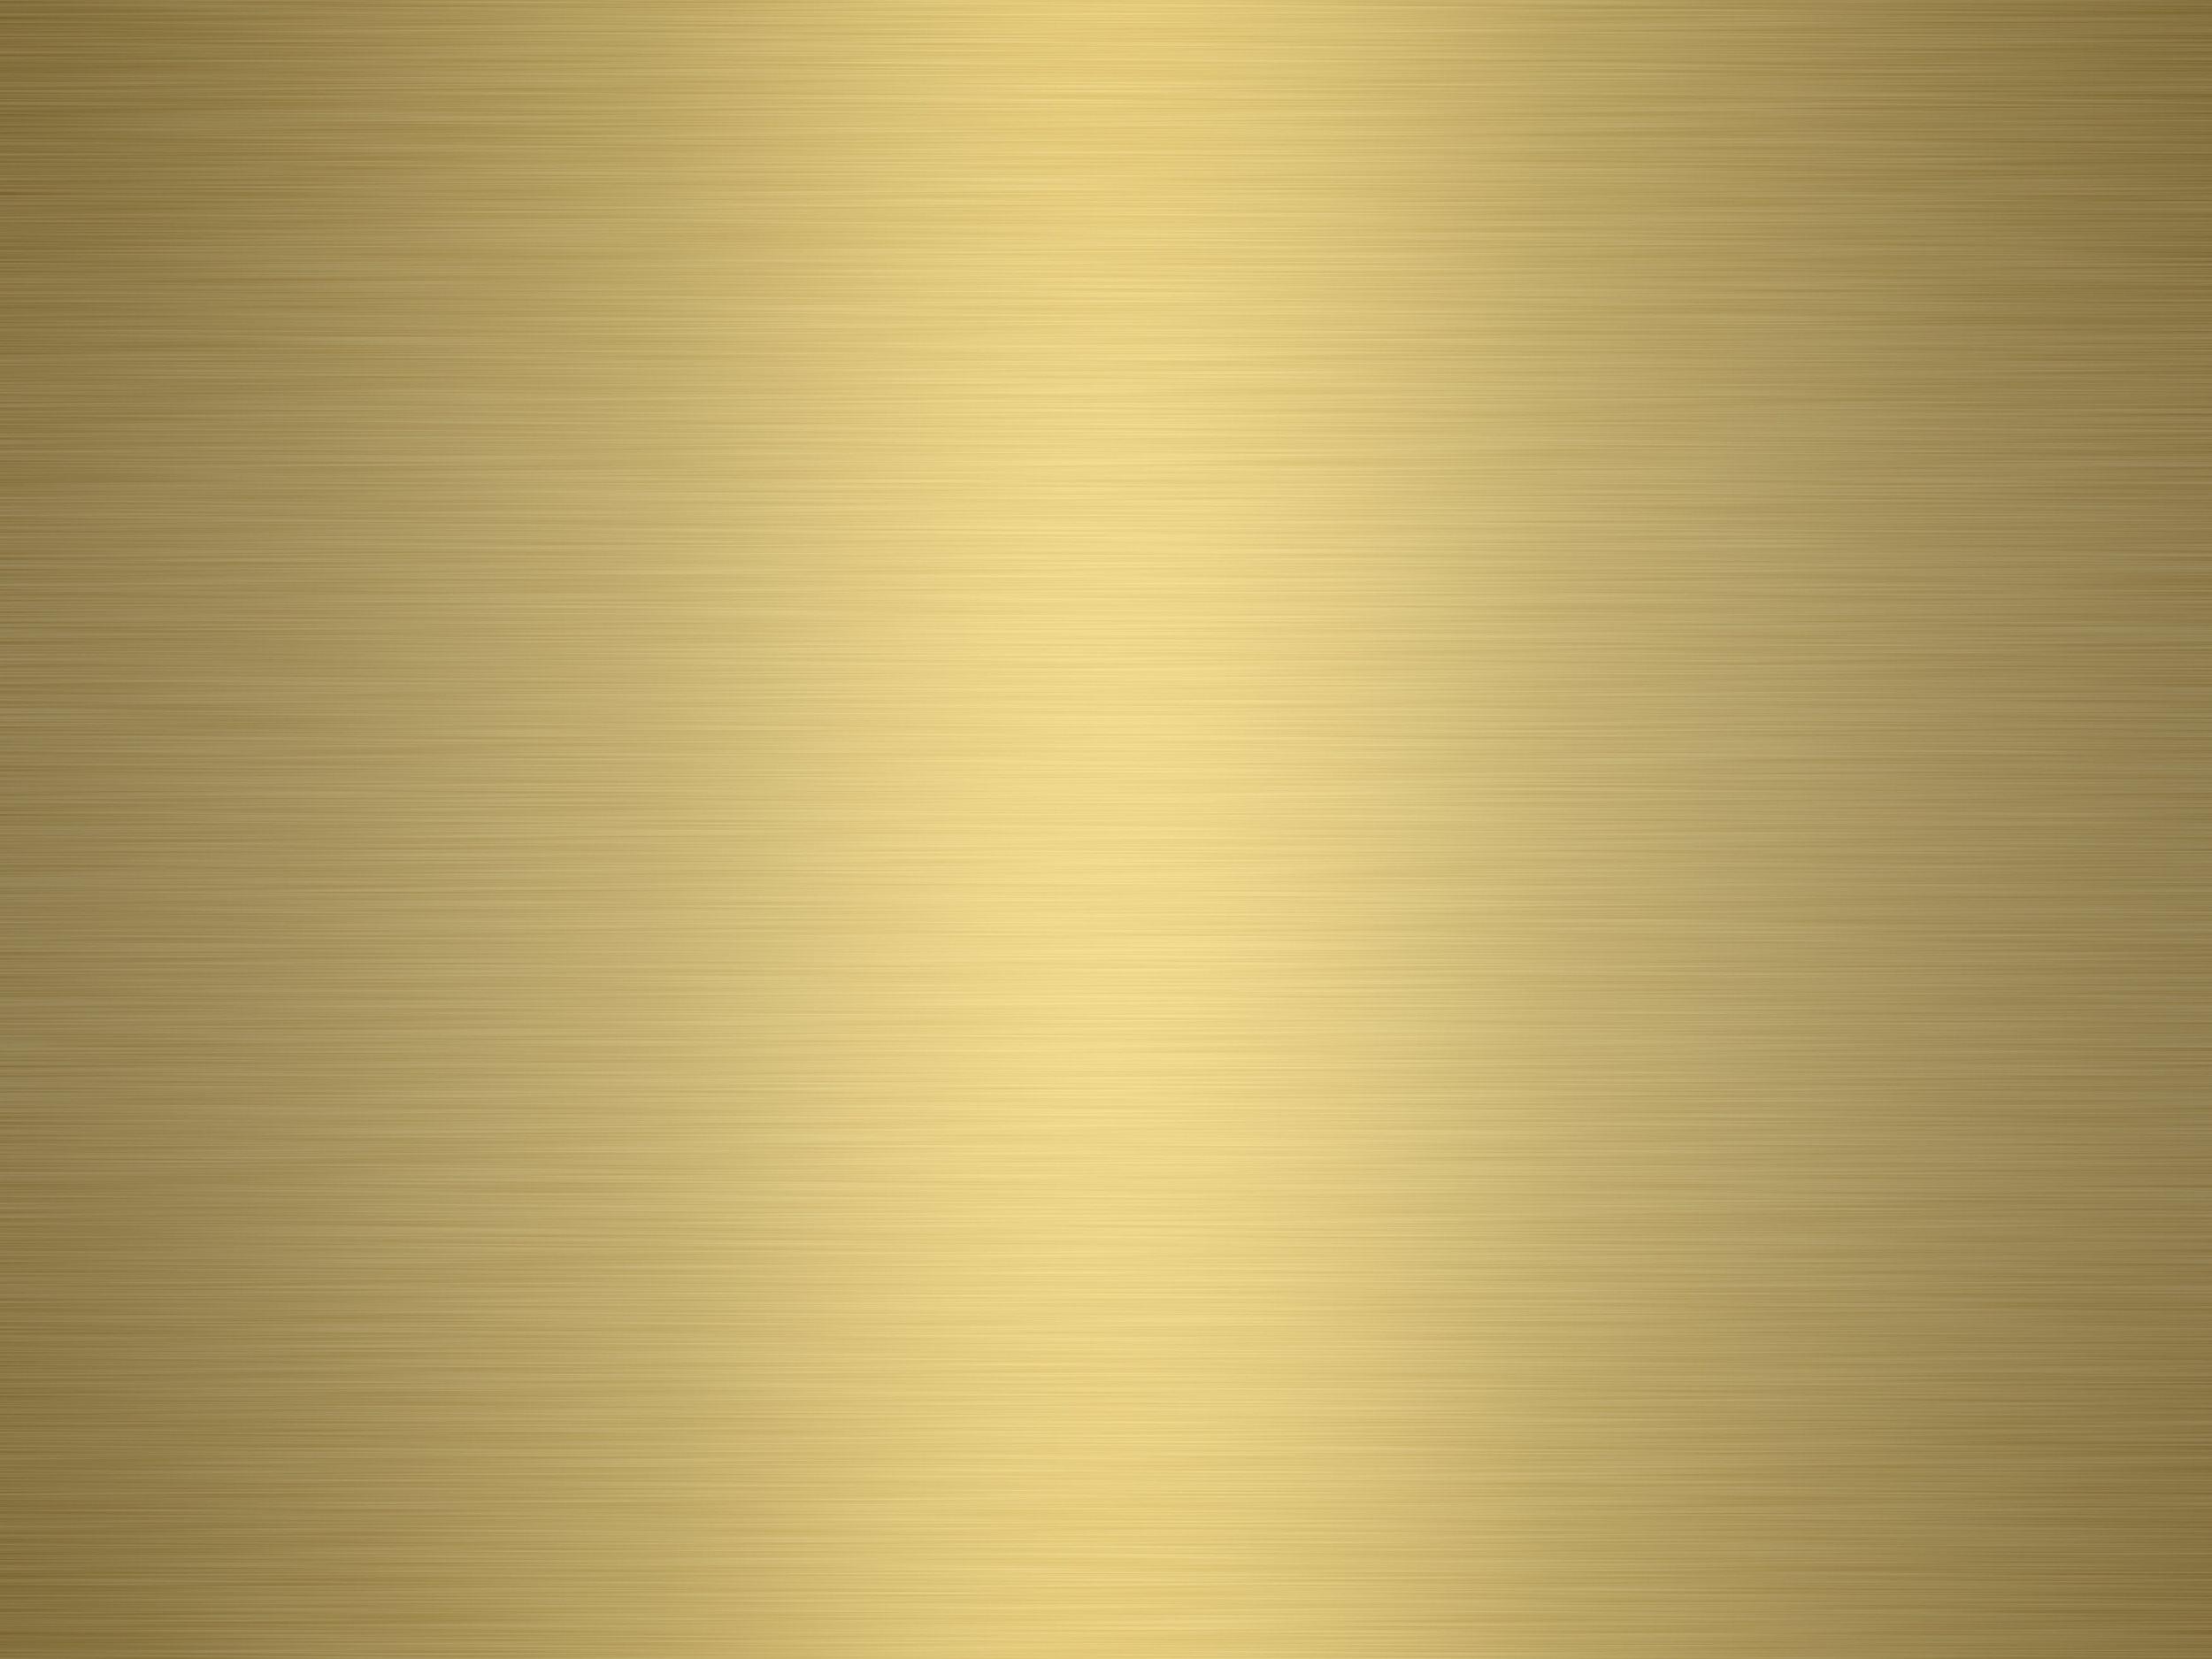 金色Gold